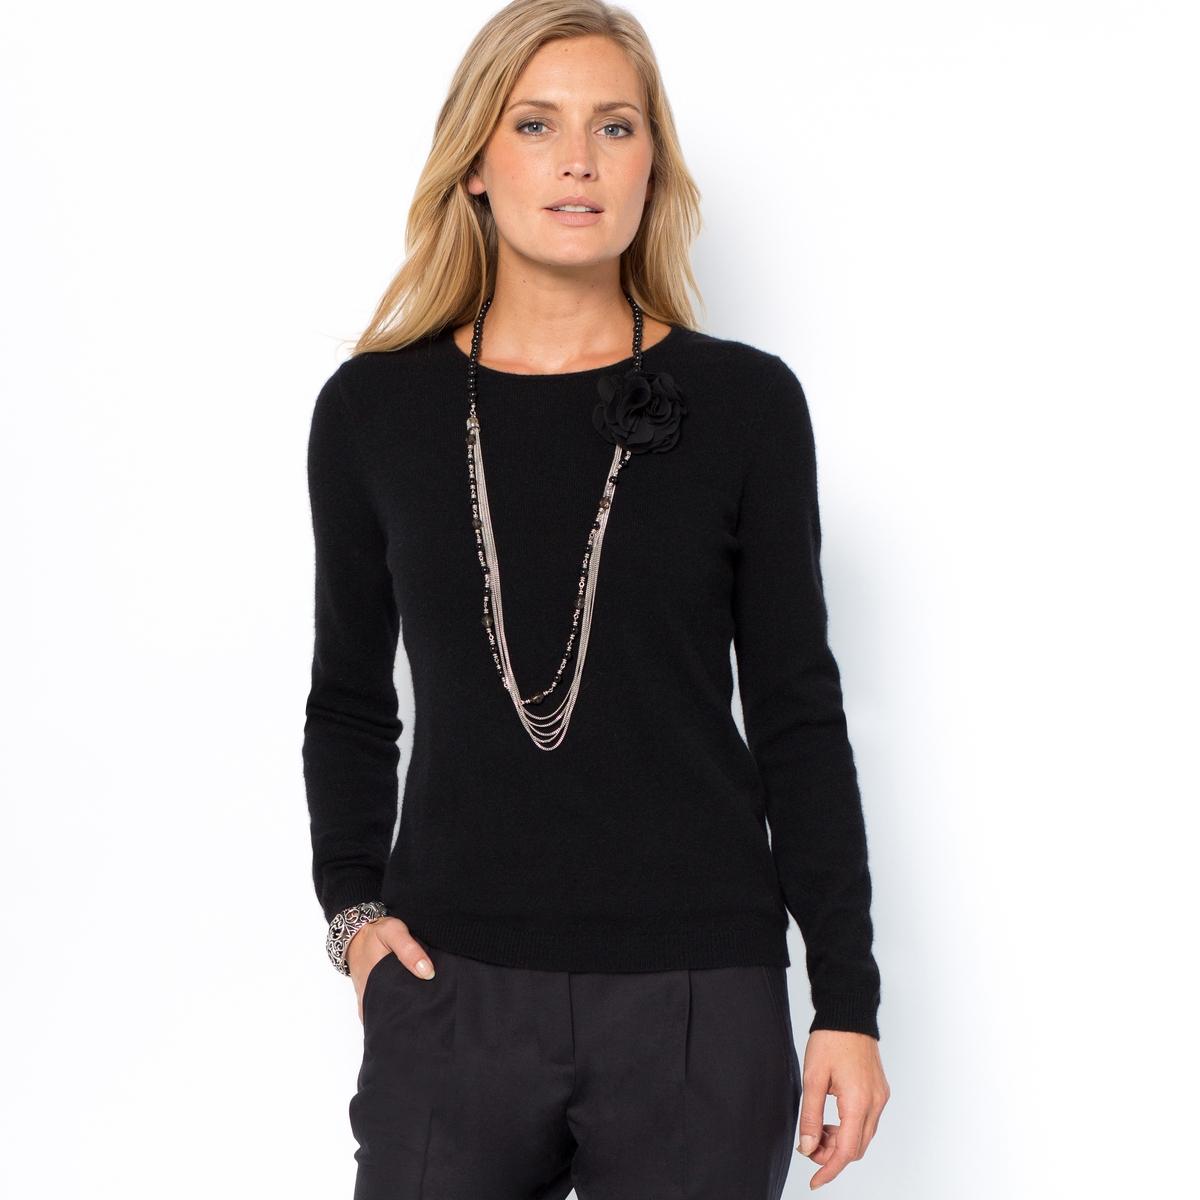 Пуловер, 100% кашемираПодарите себе наслаждение невероятной легкостью, мягкостью и теплом кашемира! Нежнейший трикотаж, 100% кашемира. Круглый вырез. Низ длинных рукавов и пуловера связан в рубчик. Длина 60 см.<br><br>Цвет: бежевый экрю,розовая пудра,черный<br>Размер: 38/40 (FR) - 44/46 (RUS).42/44 (FR) - 48/50 (RUS).46/48 (FR) - 52/54 (RUS).50/52 (FR) - 56/58 (RUS).38/40 (FR) - 44/46 (RUS).46/48 (FR) - 52/54 (RUS).38/40 (FR) - 44/46 (RUS).46/48 (FR) - 52/54 (RUS)